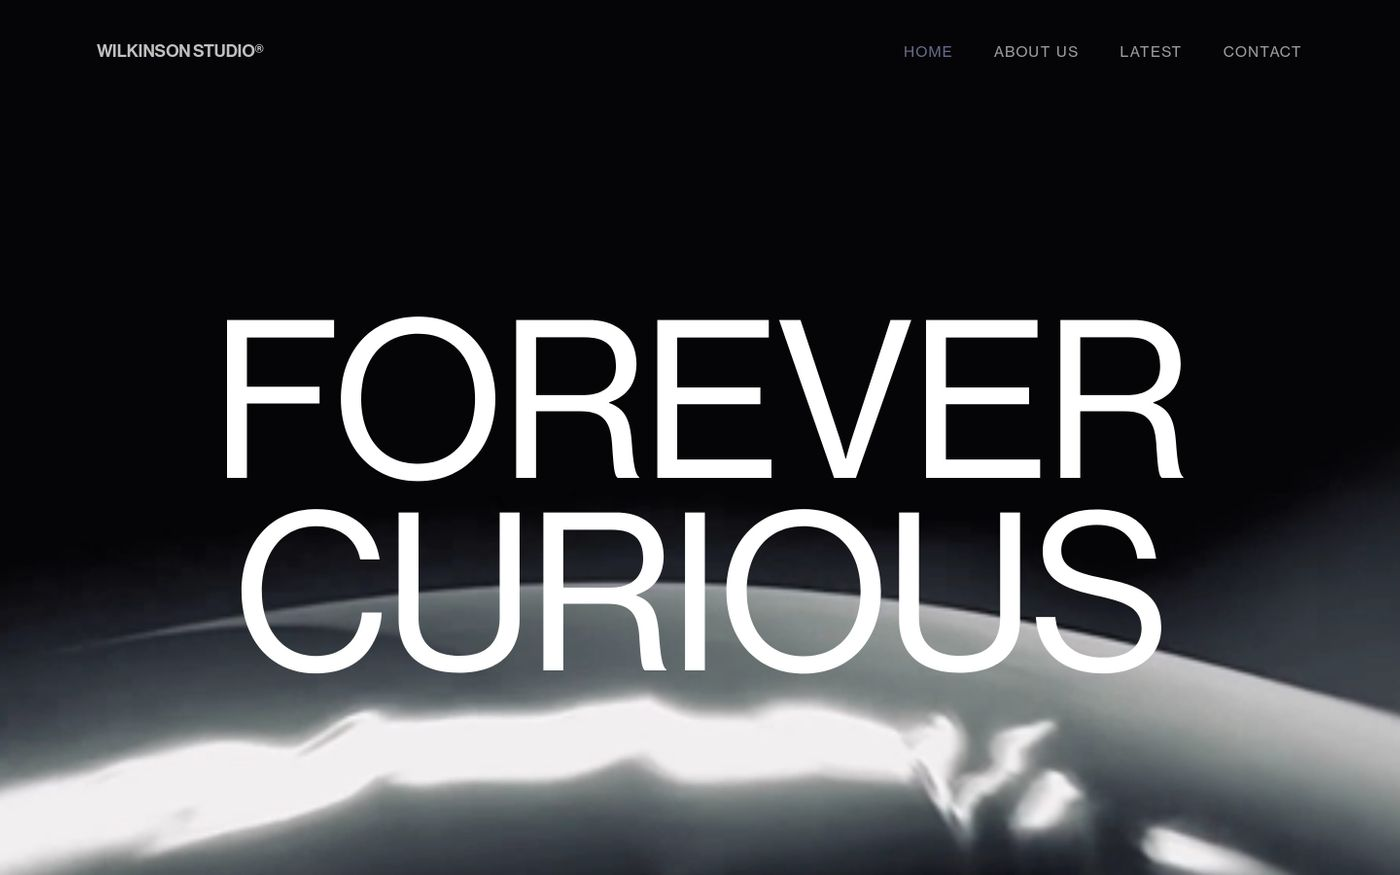 Screenshot of Wilkinson studio website